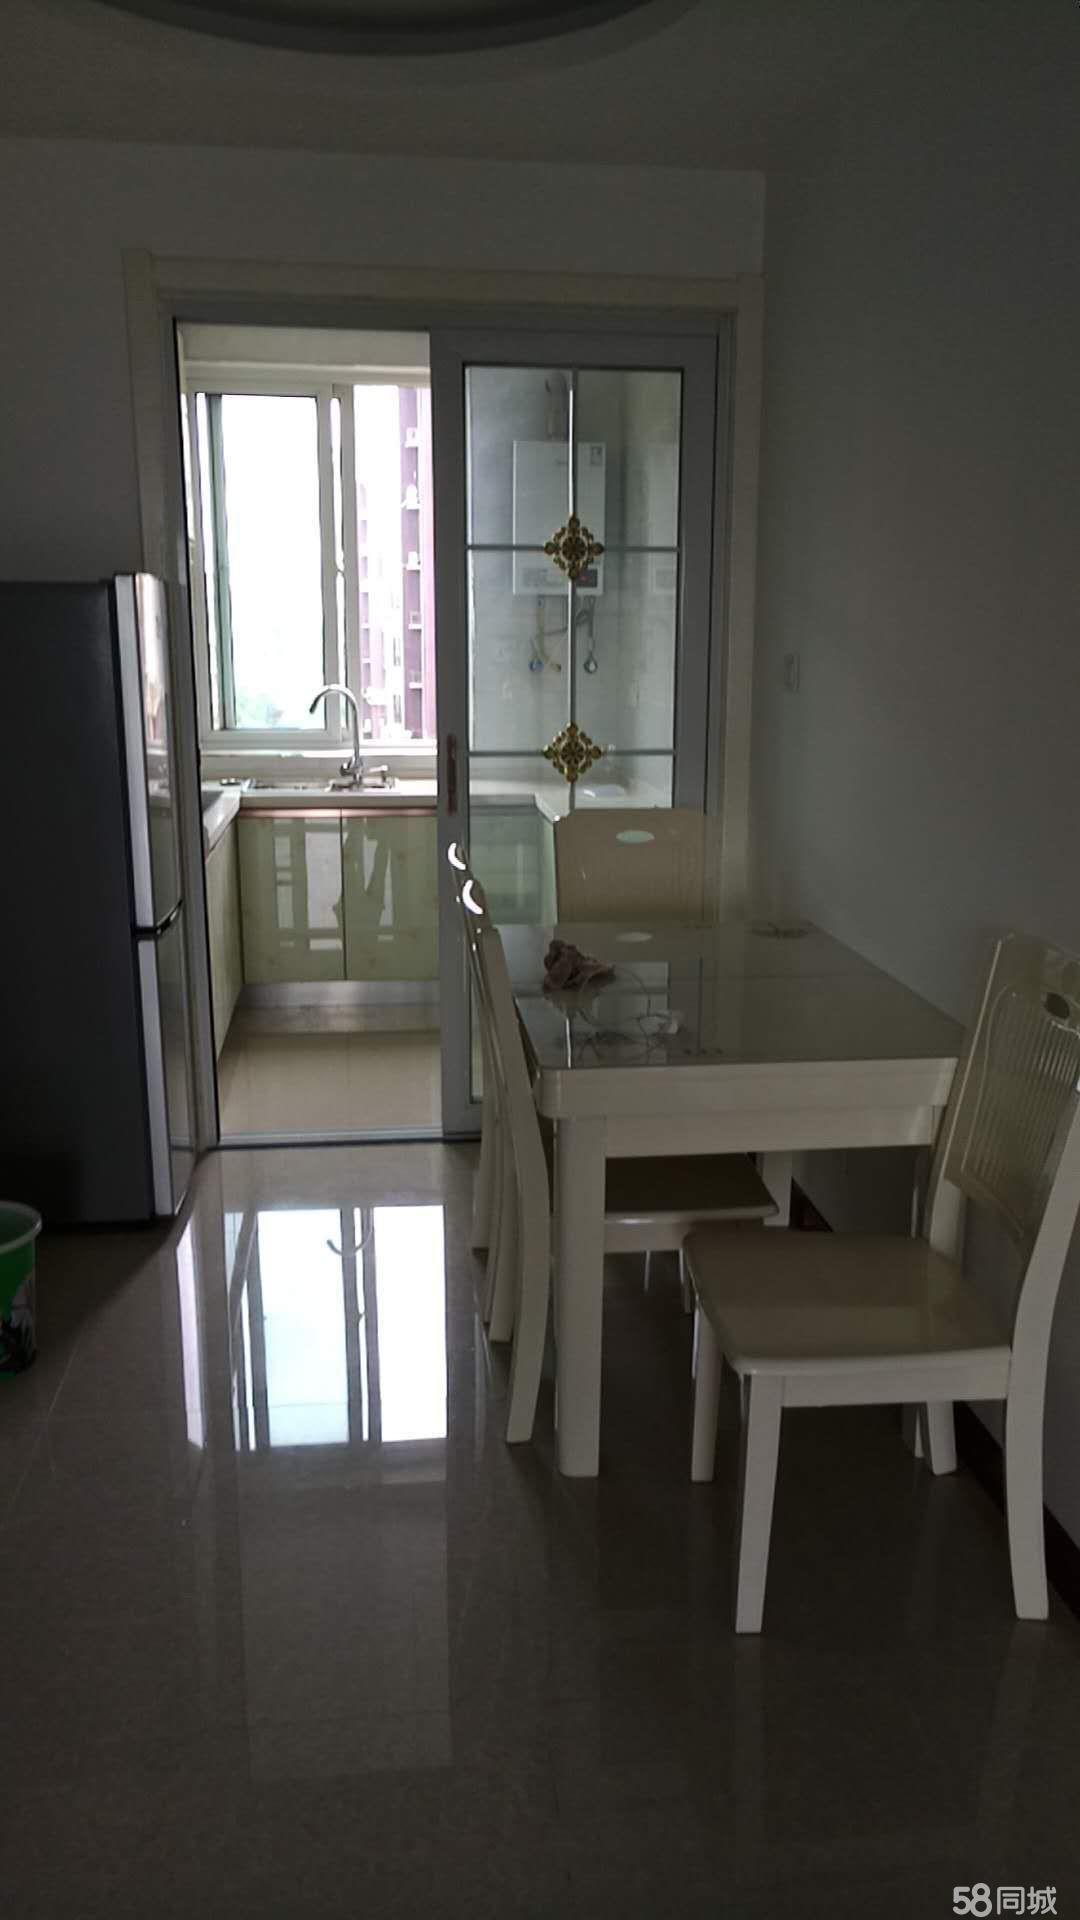 新房,诚心出售,欢迎咨询,不是中介!